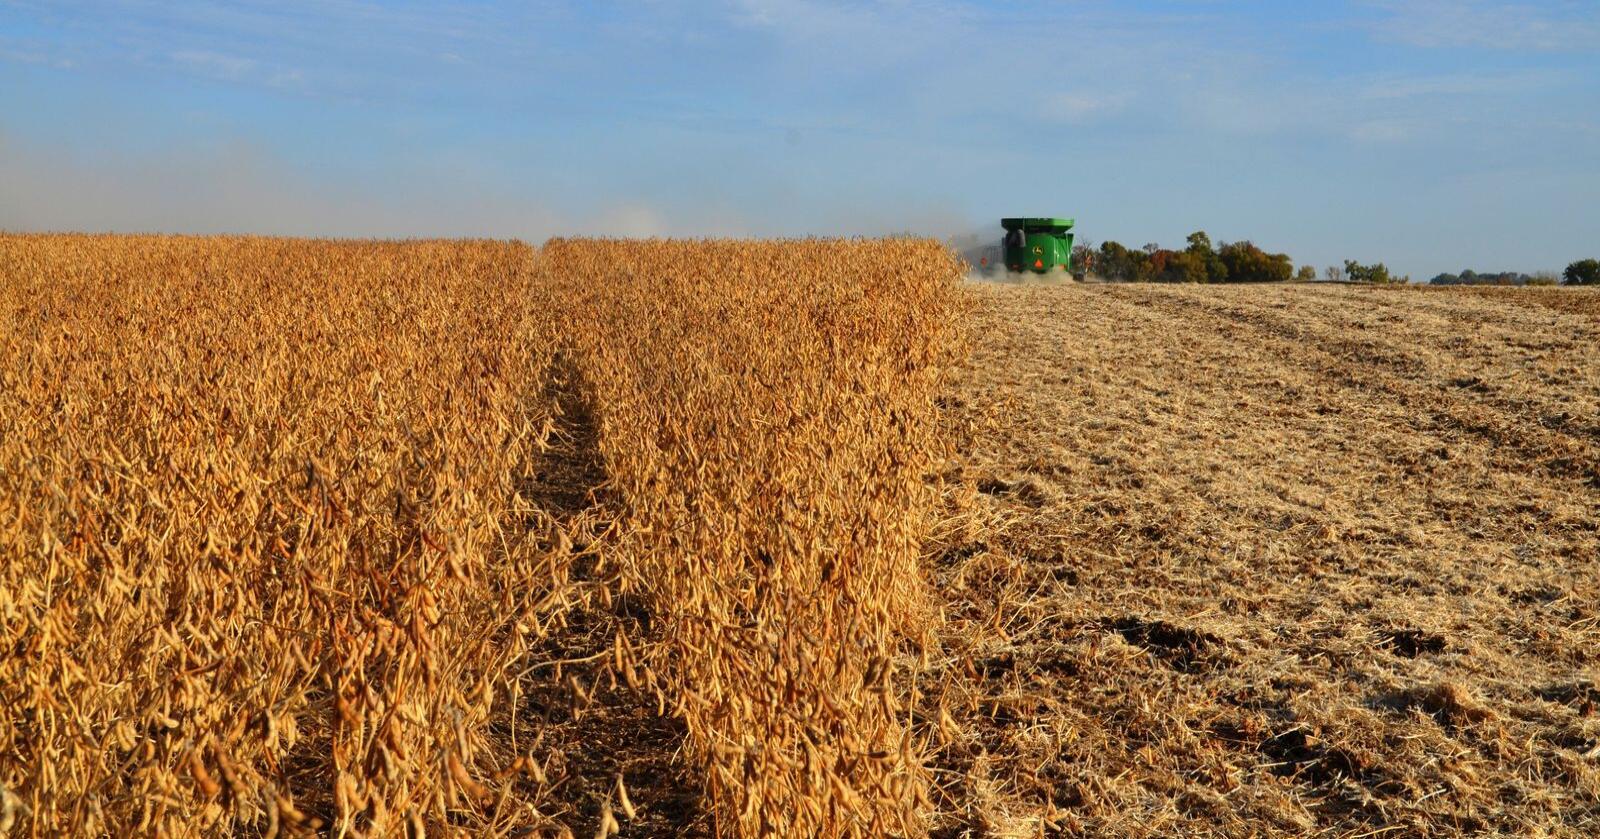 Fordelingen av mat er ekstremt skjev, lik produksjonen av mat er ekstremt skjev. Spørsmålet vi burde stille oss etter denne fredsprisen, er hvordan vi kan gjøre WFP sin jobb overflødig, skriver Øystein Heggdal. (Arkivfoto fra Minnesota)